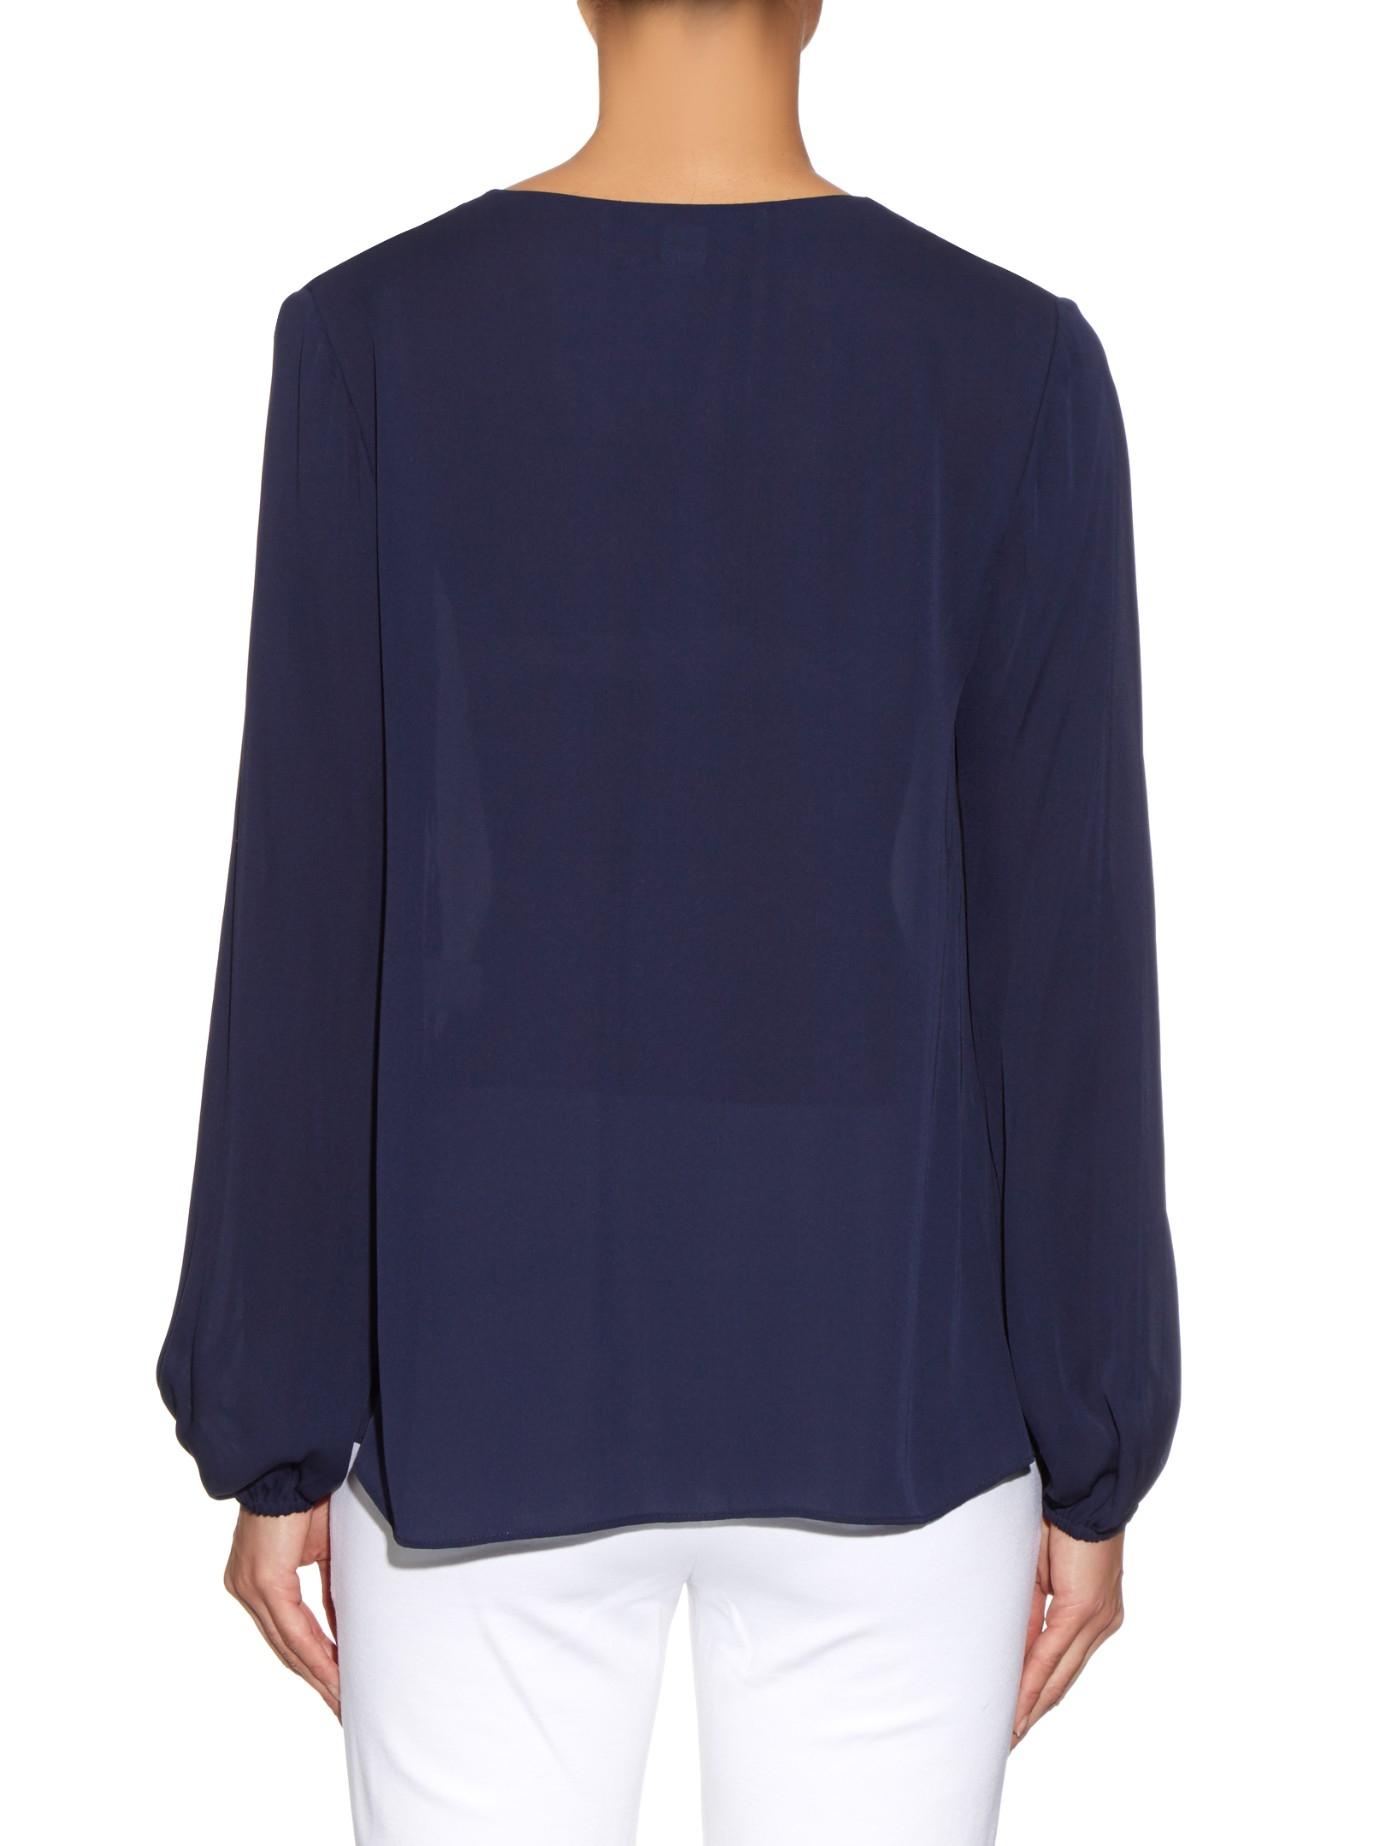 Lyst diane von furstenberg arlenis shirt in blue for Diane von furstenberg shirt